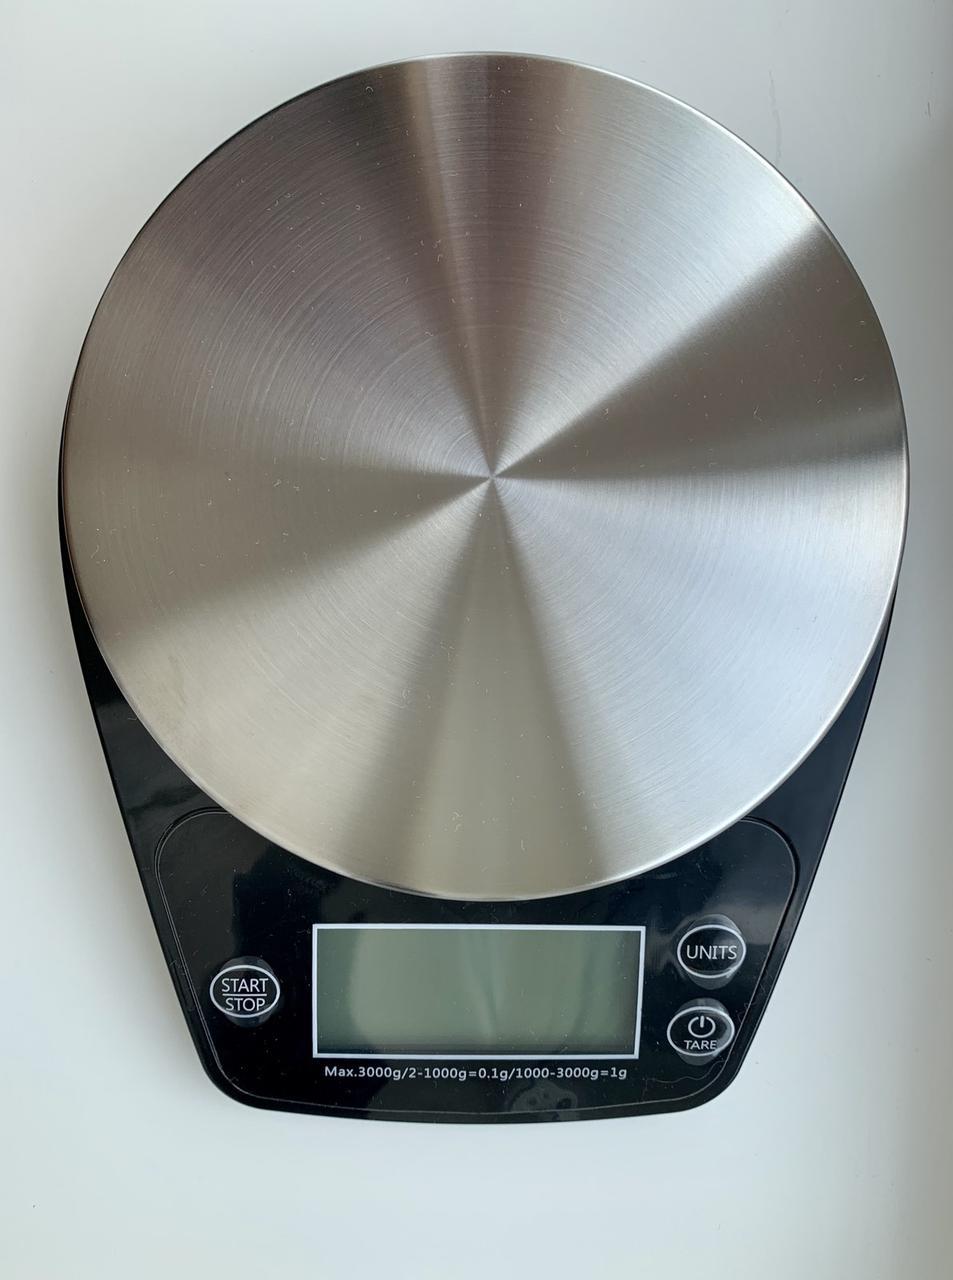 Весы для кофе и чая W.Balance до 3 кг, с таймером и металлической взвешивающей поверхностью